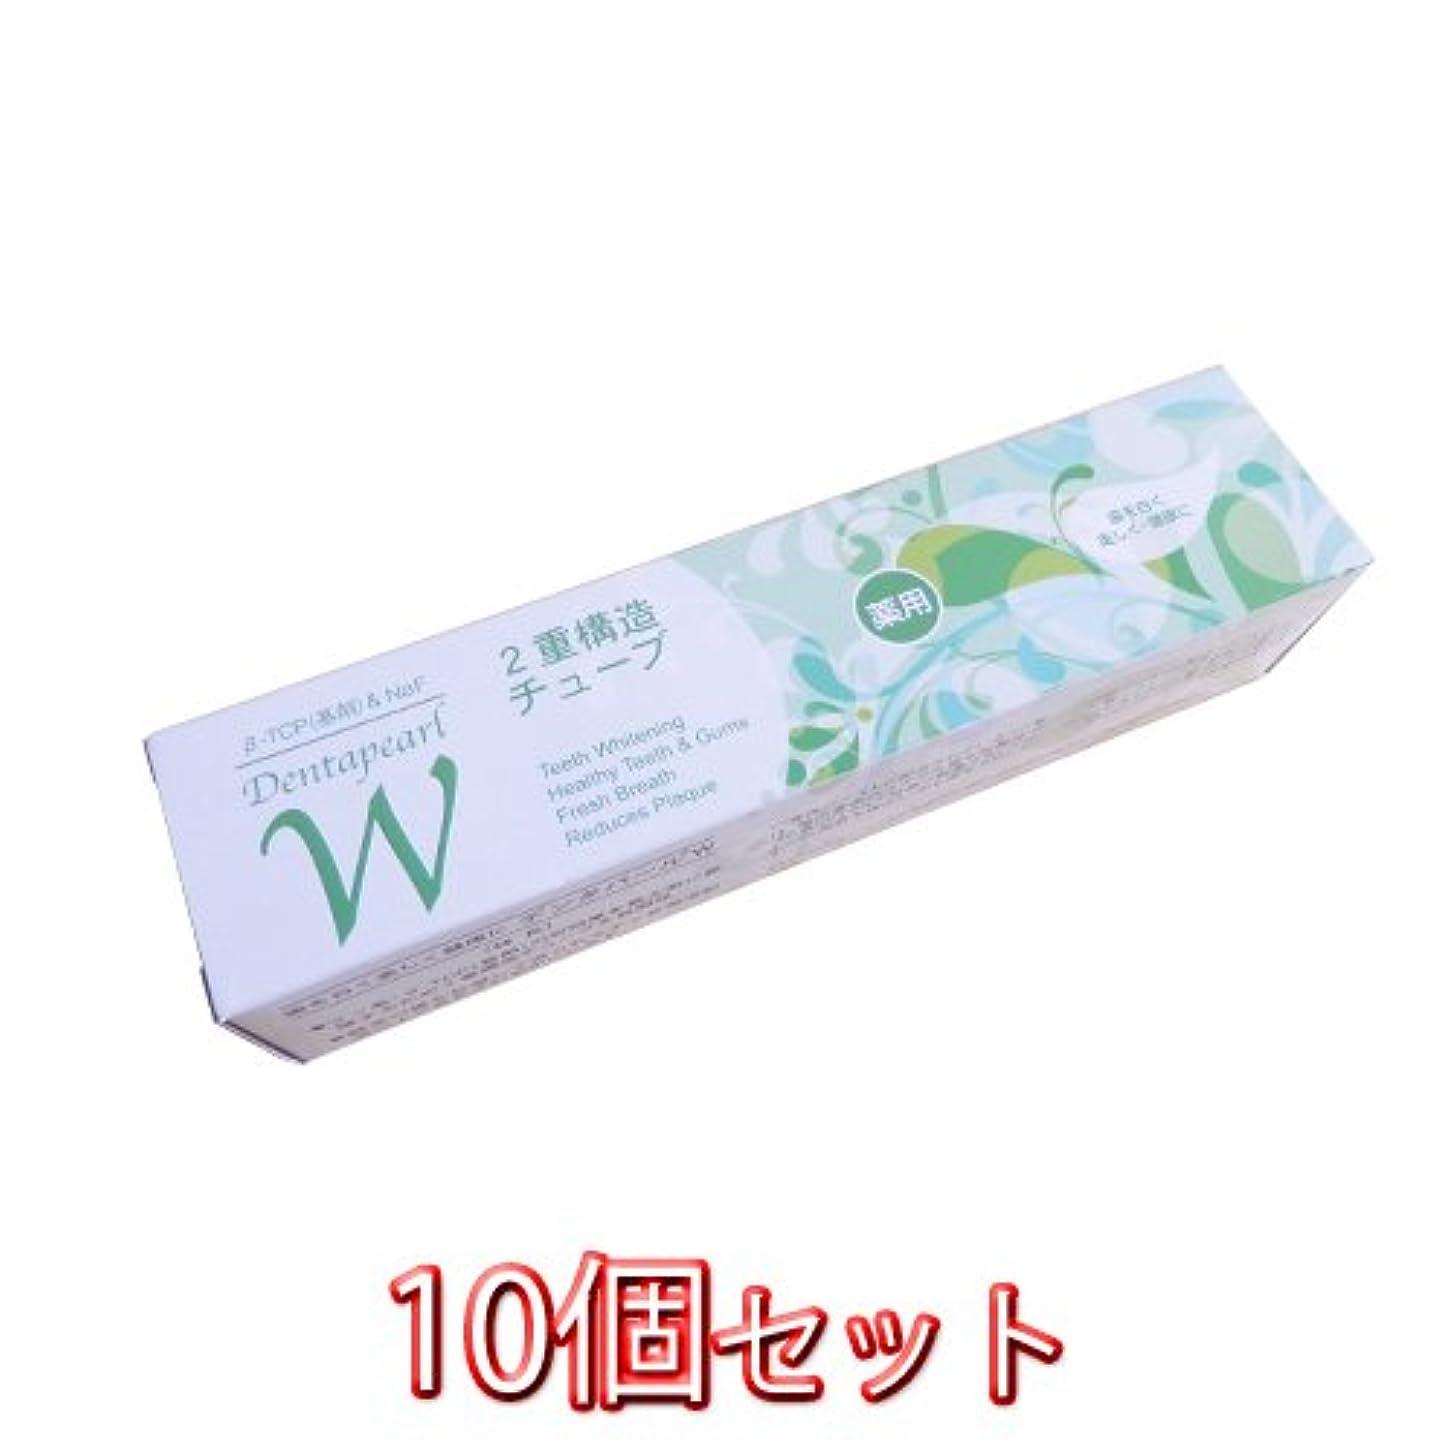 霊ちっちゃい心配三宝製薬株式会社 デンタパールW 108g×10本 医薬部外品